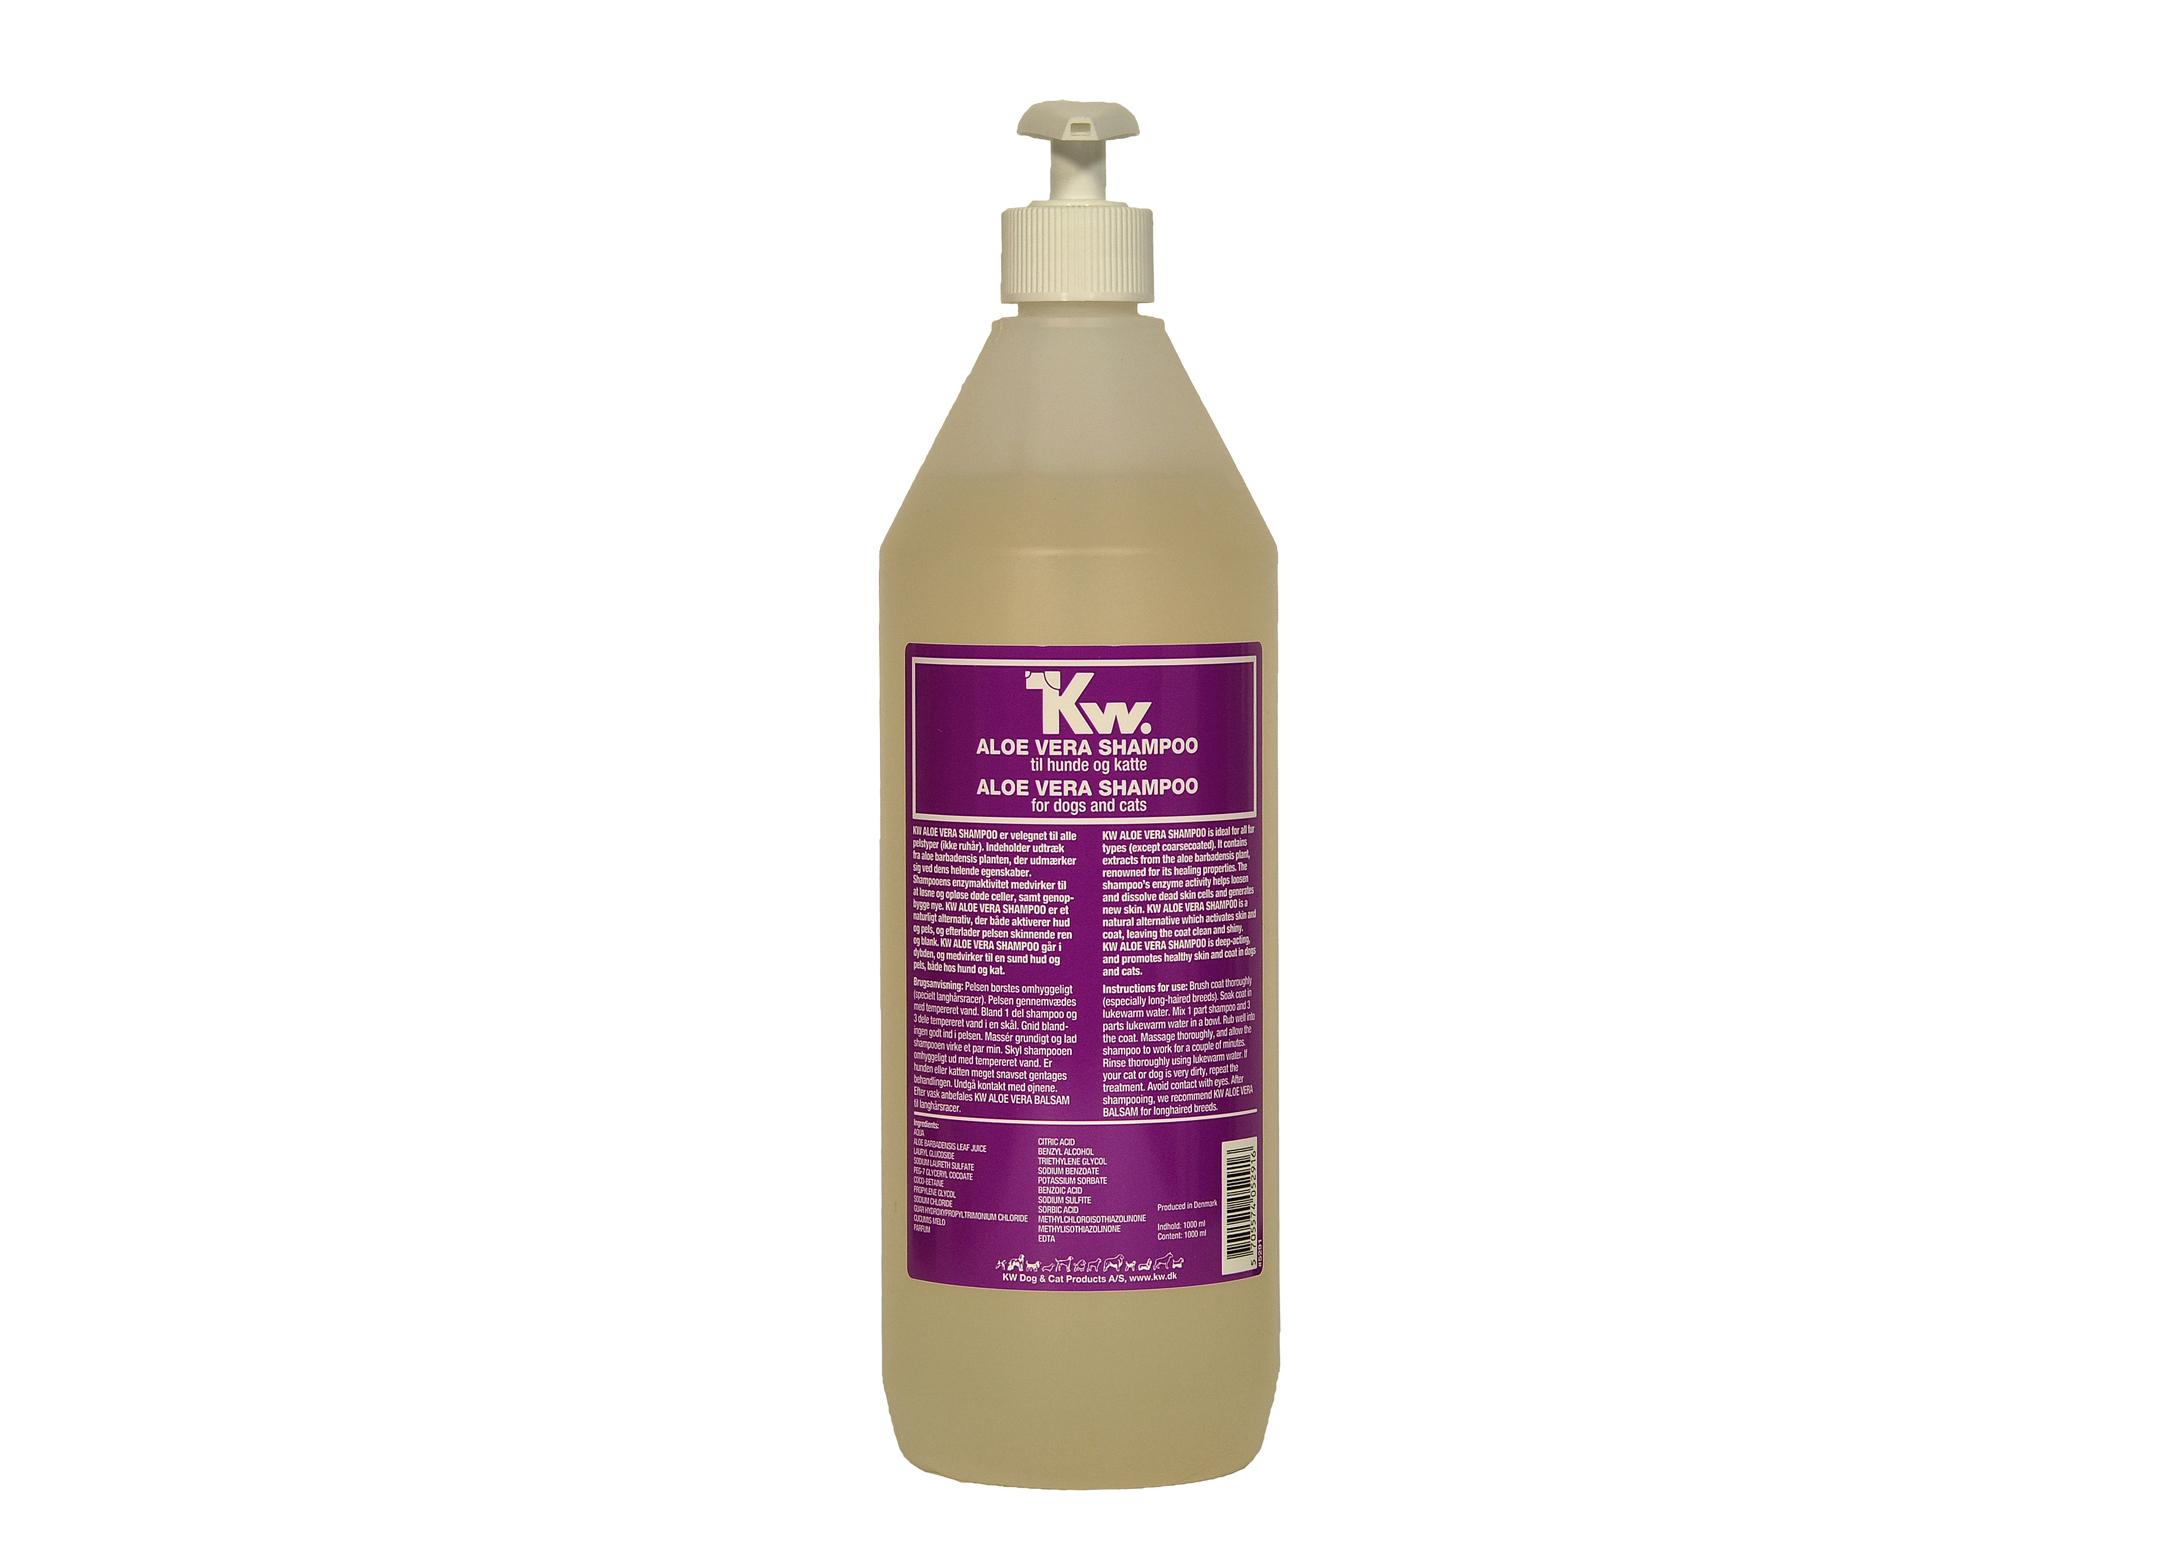 KW Aloe Vera Shampoo 1L